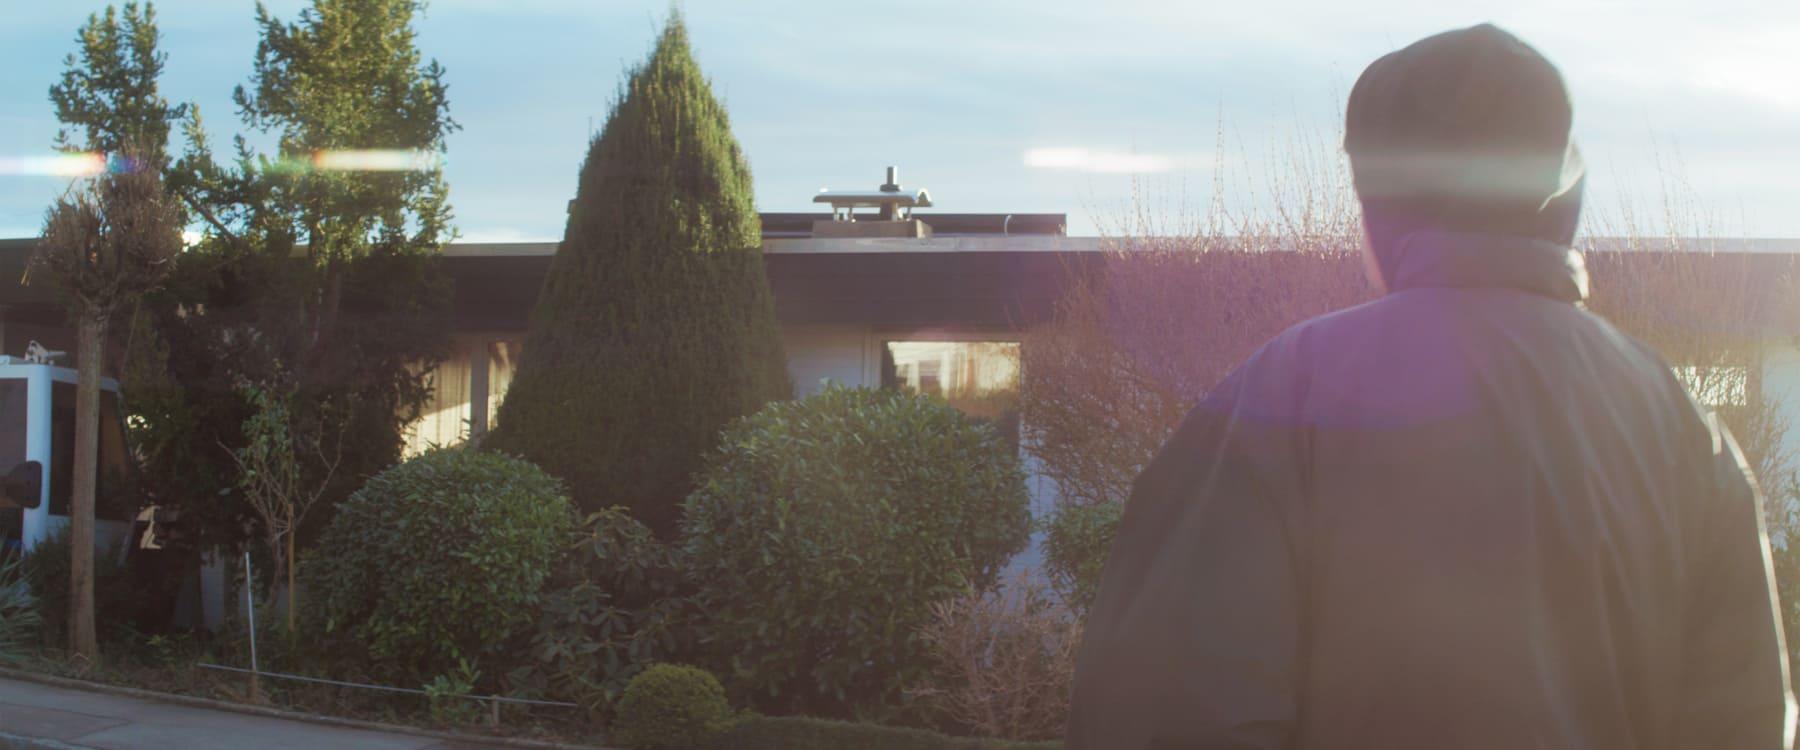 ERRDEKA in Mering Musikvideo zum Lied Allein pt. II